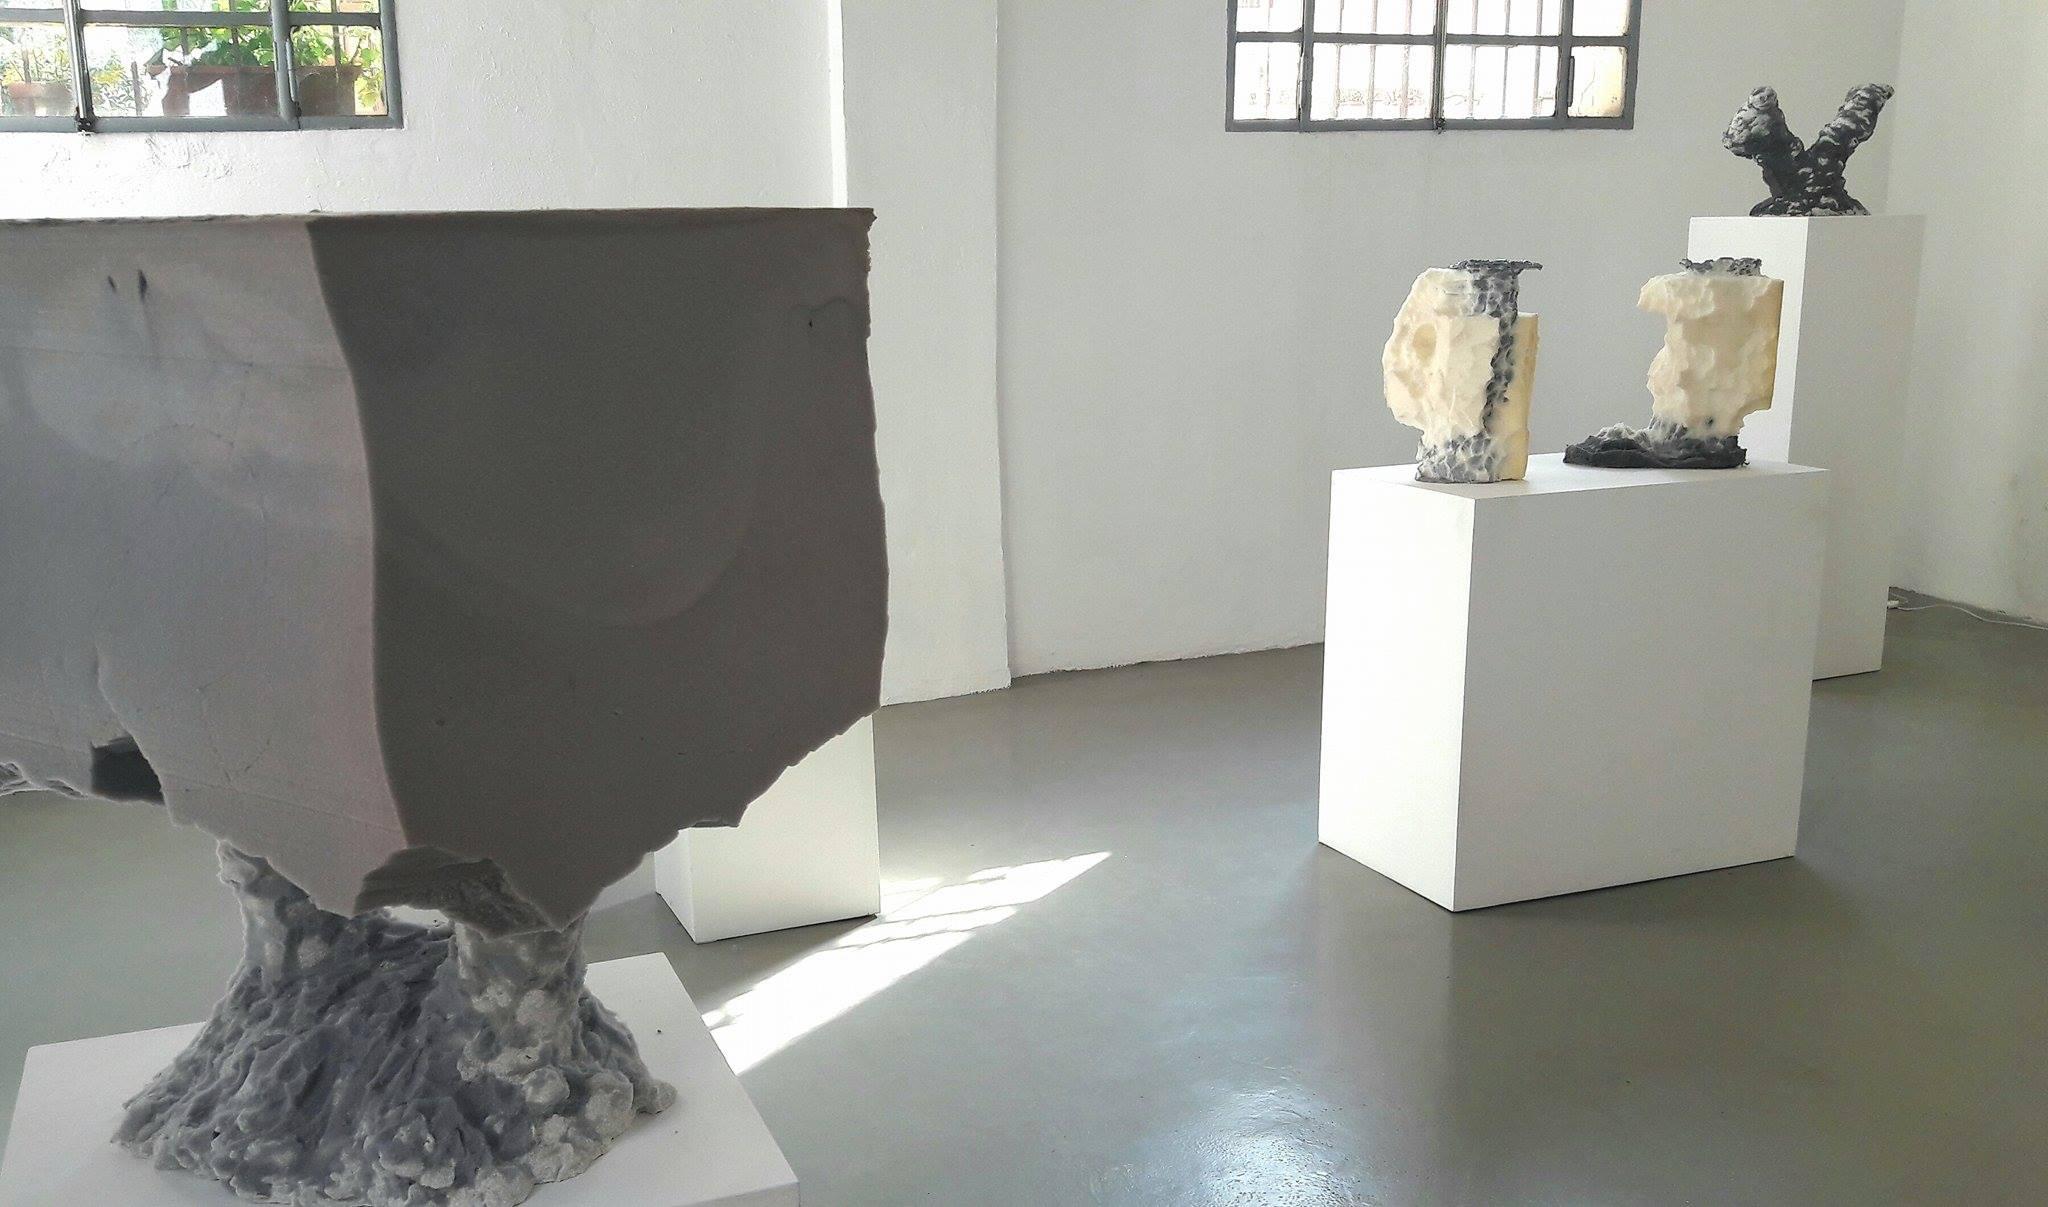 Sculture in cemento e gommapiuma. metalinguaggio presso la galleria Salvatore Lanteri